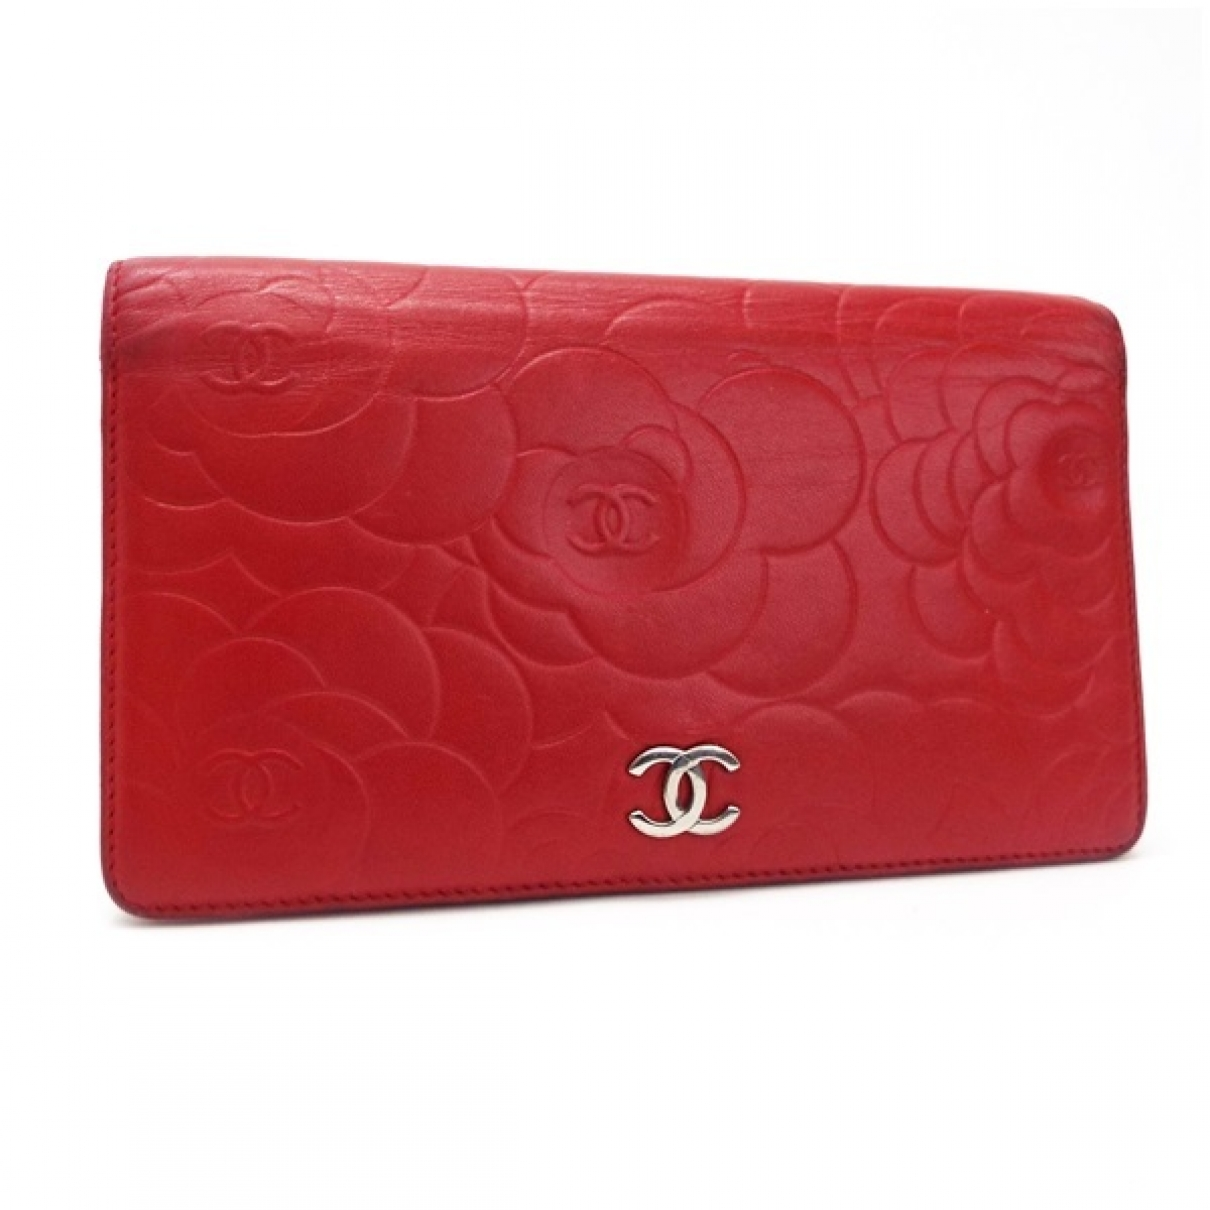 Chanel \N Portemonnaie in  Rot Leder